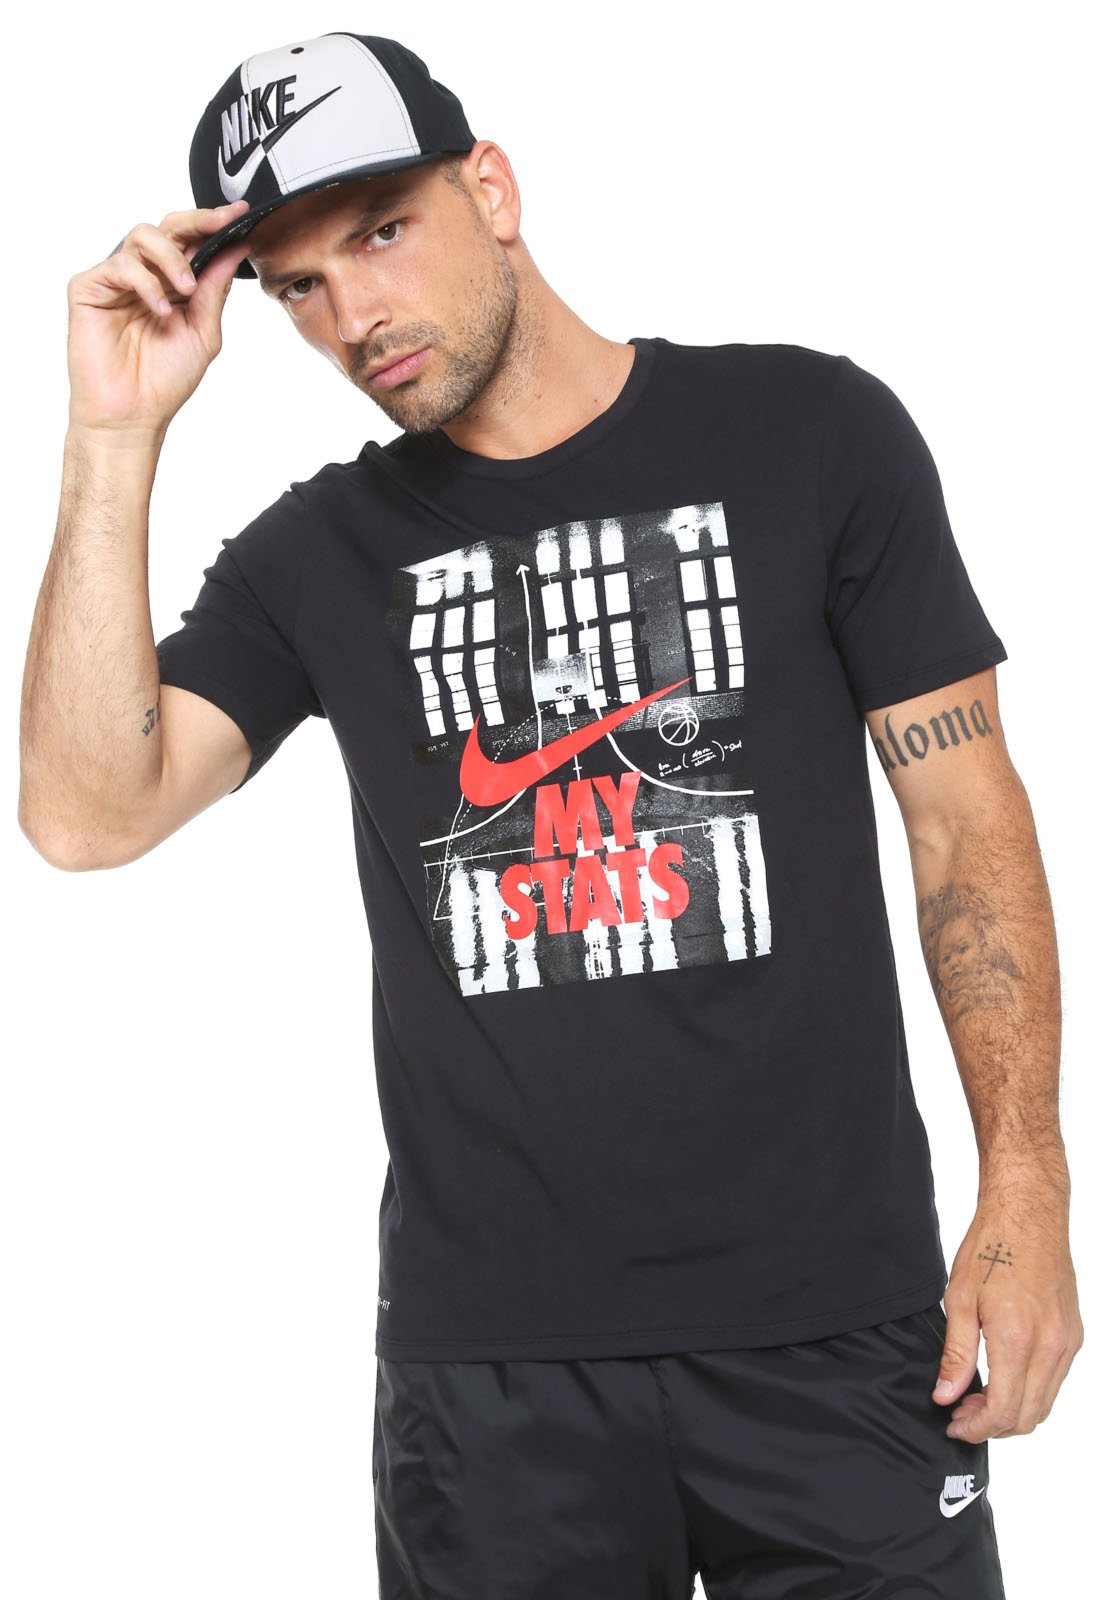 Nuevo significado Absurdo A veces a veces  Camiseta Nike Estampada Preto - Compre Agora | Dafiti Brasil